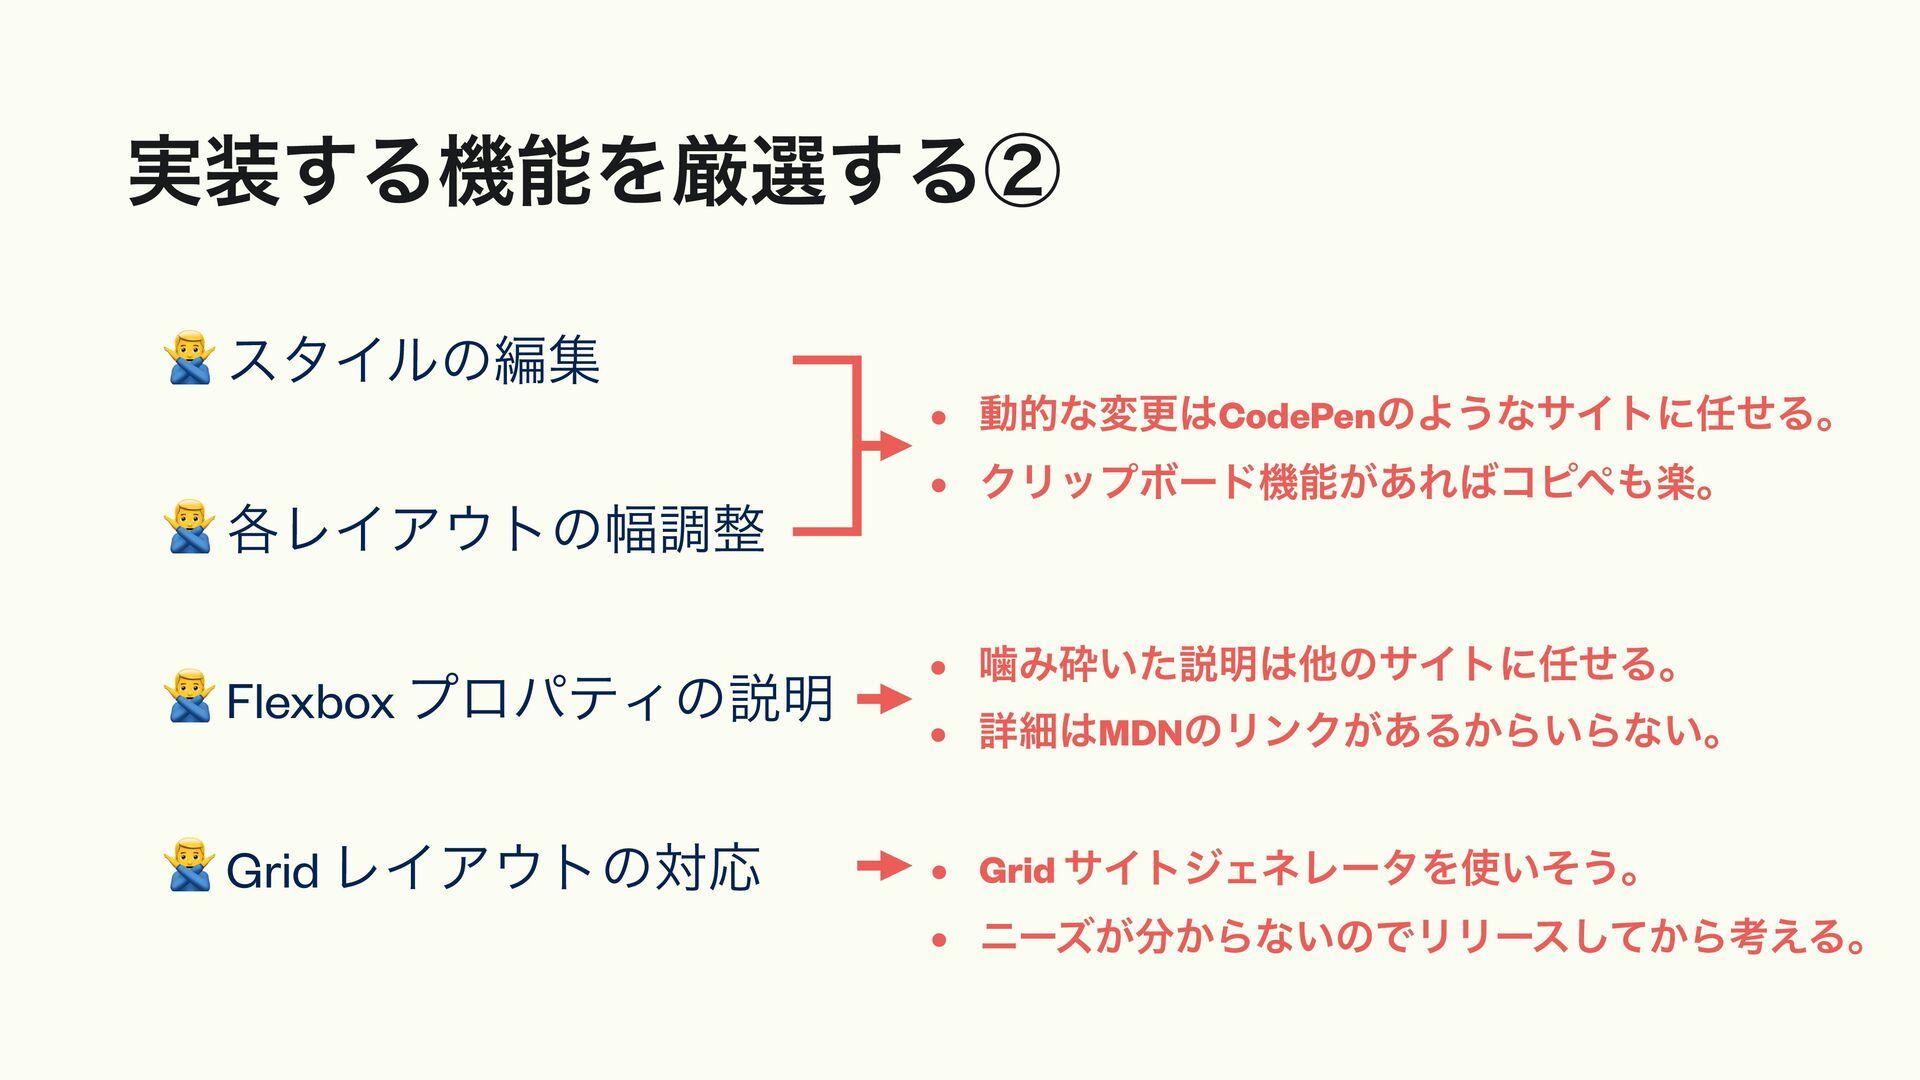 ⭕ Flexbox ϨΠΞτͷҰཡදࣔ ⭕ ద༻͞Ε͍ͯΔελΠϧͷ֬ ⭕ ελΠϧΛΫϦ...